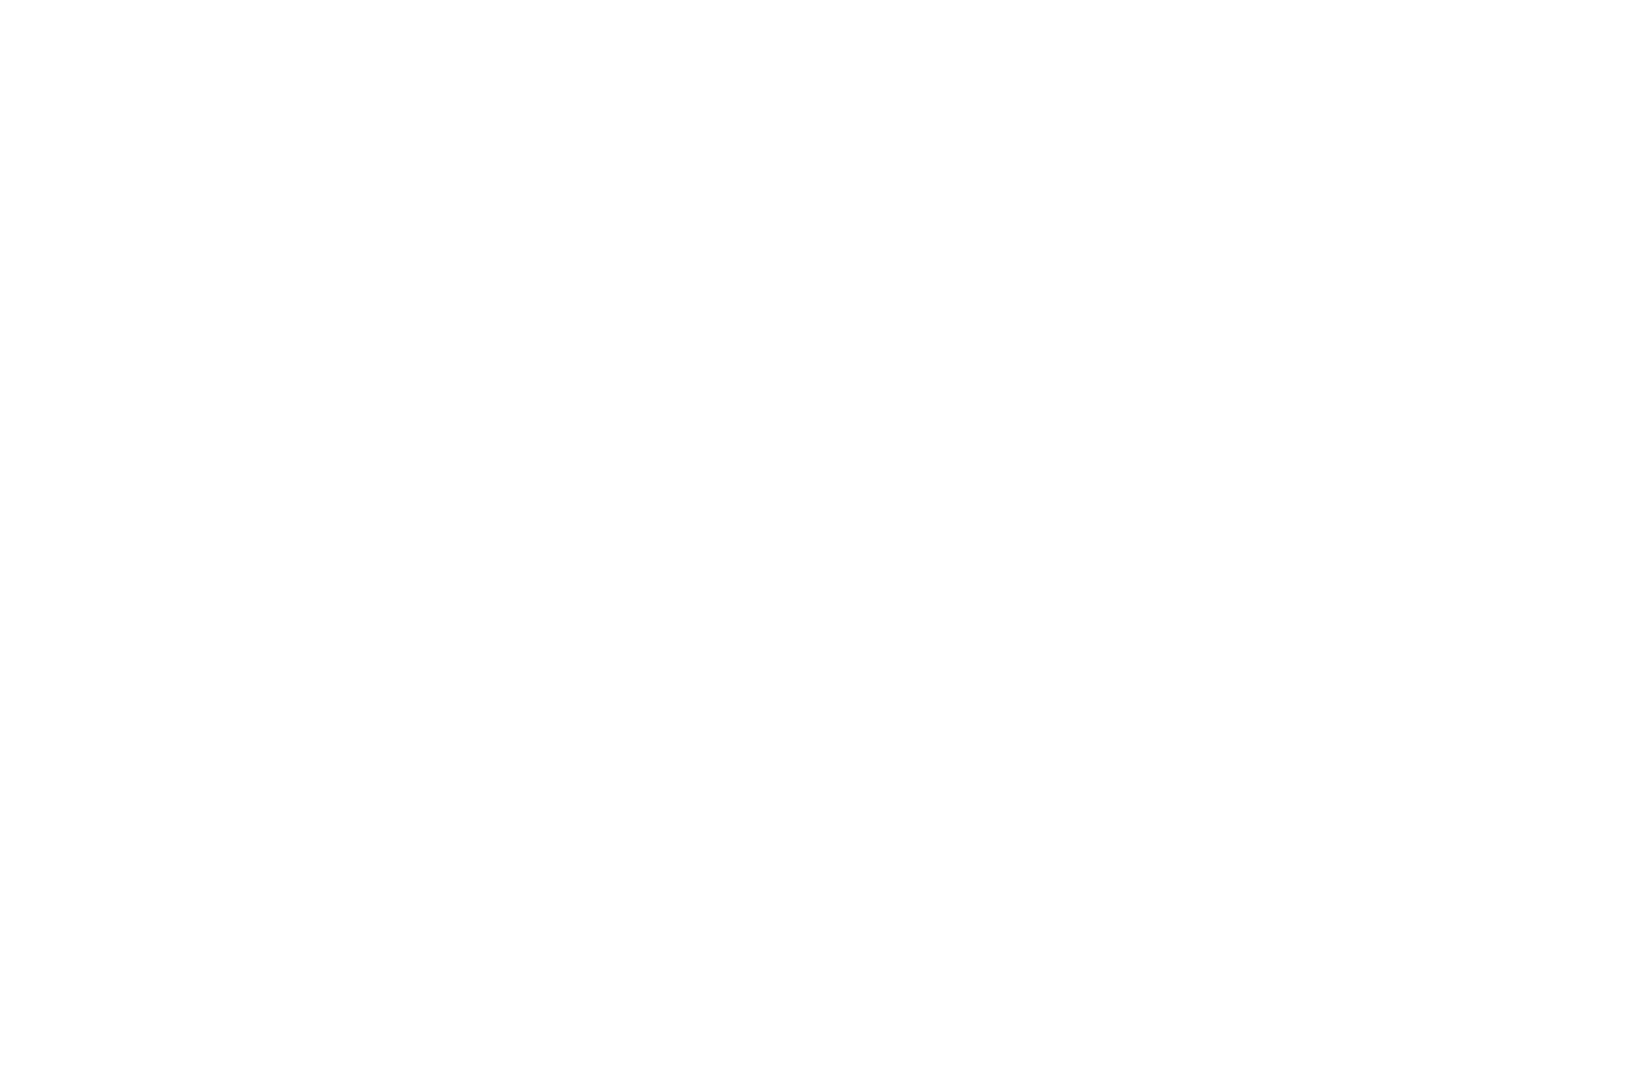 Calyssia